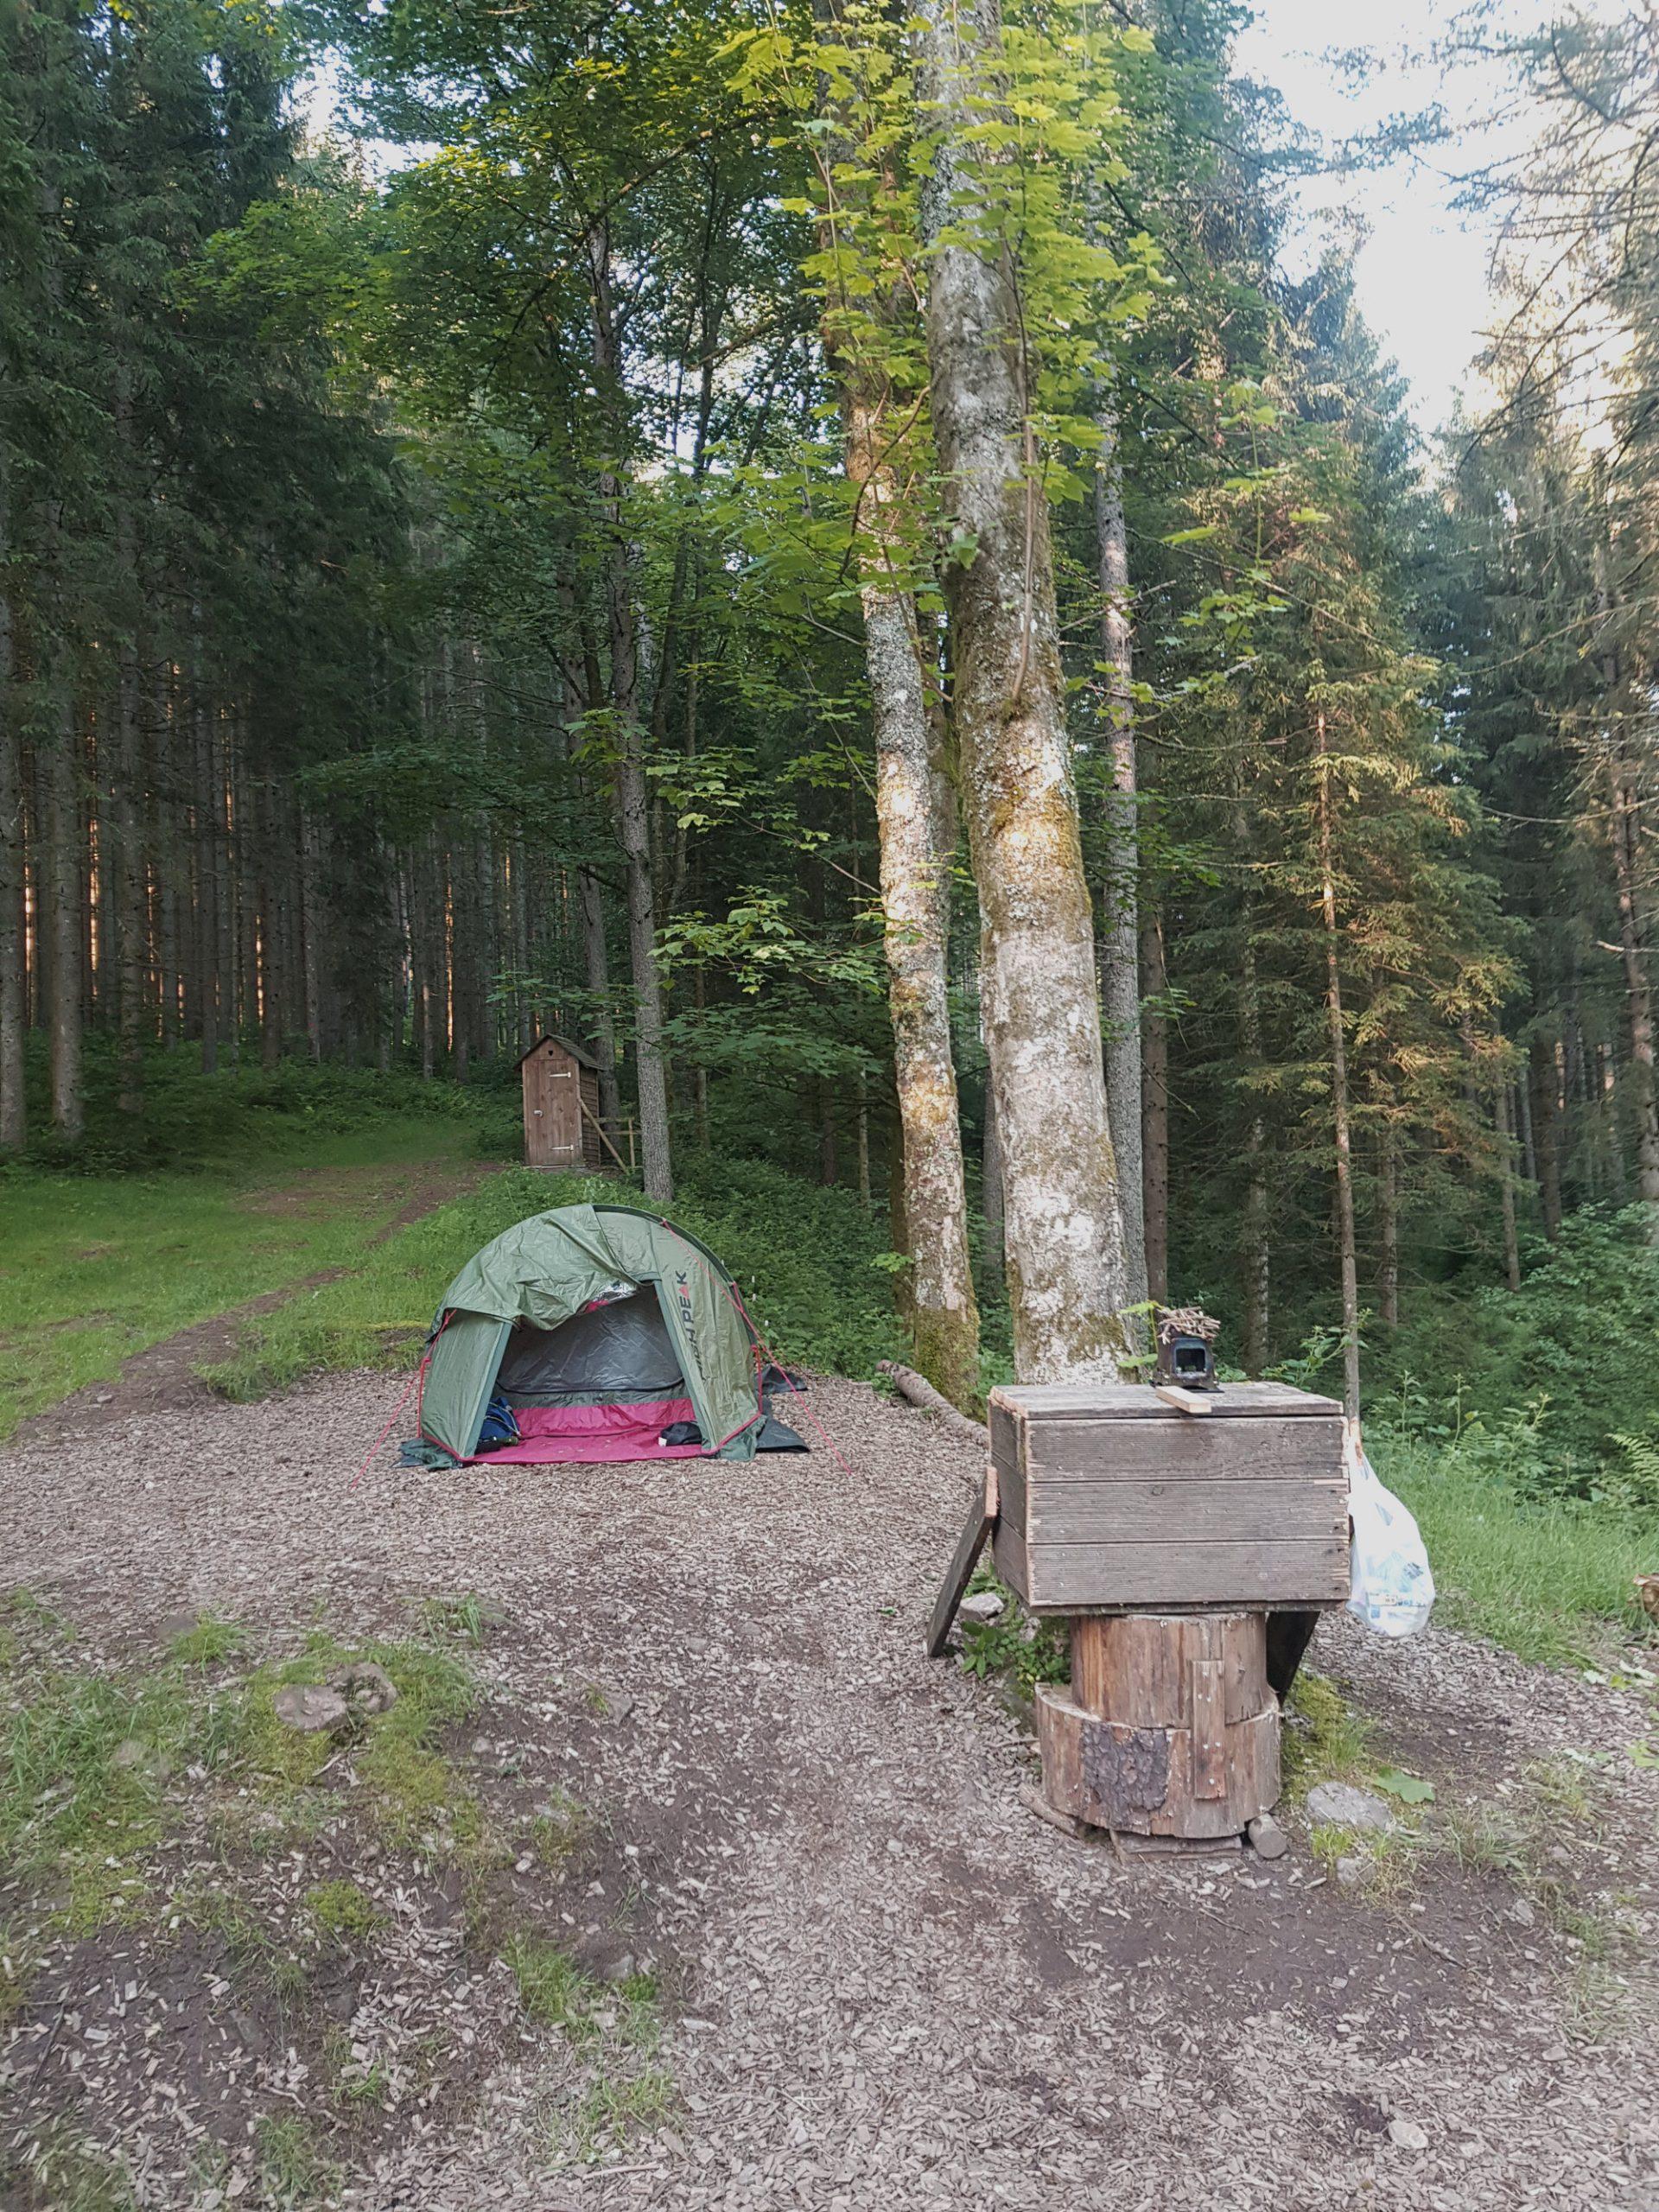 Trekking-Camp Guttellbach mit Zelt und Toilettenhäuschen